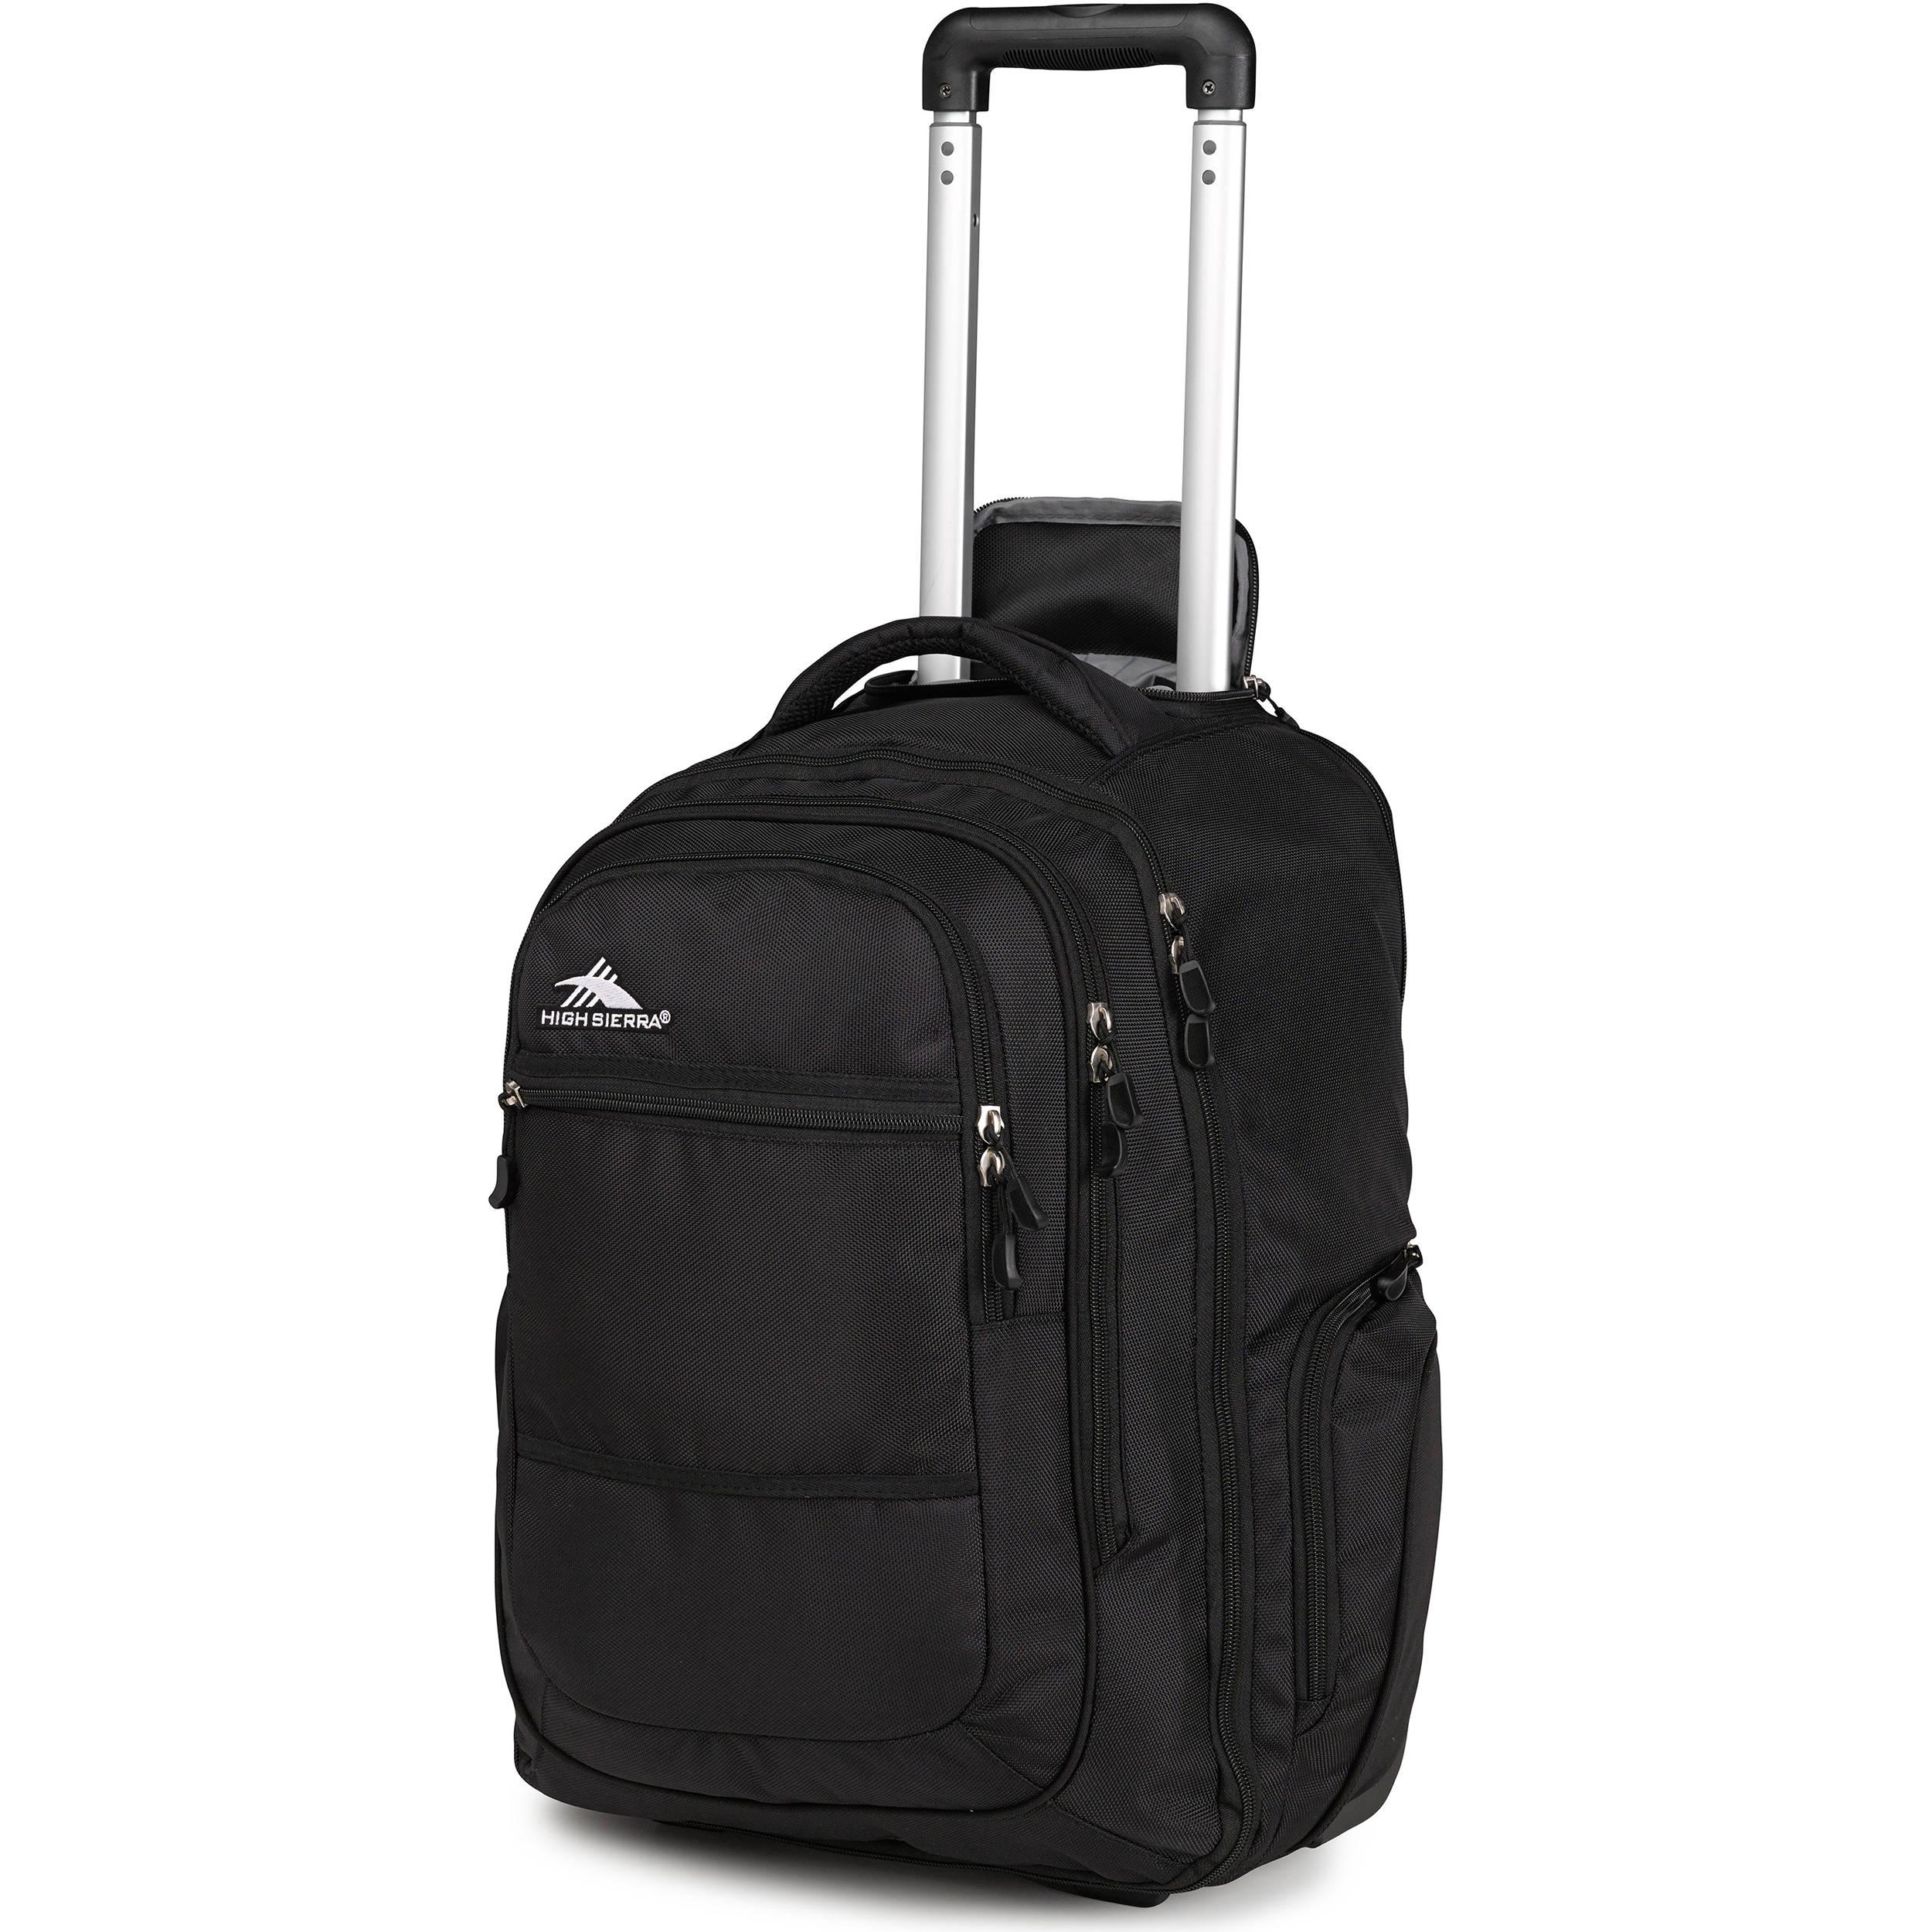 High Sierra Rev Wheeled Backpack (Black) 58420-1041 B&H Photo